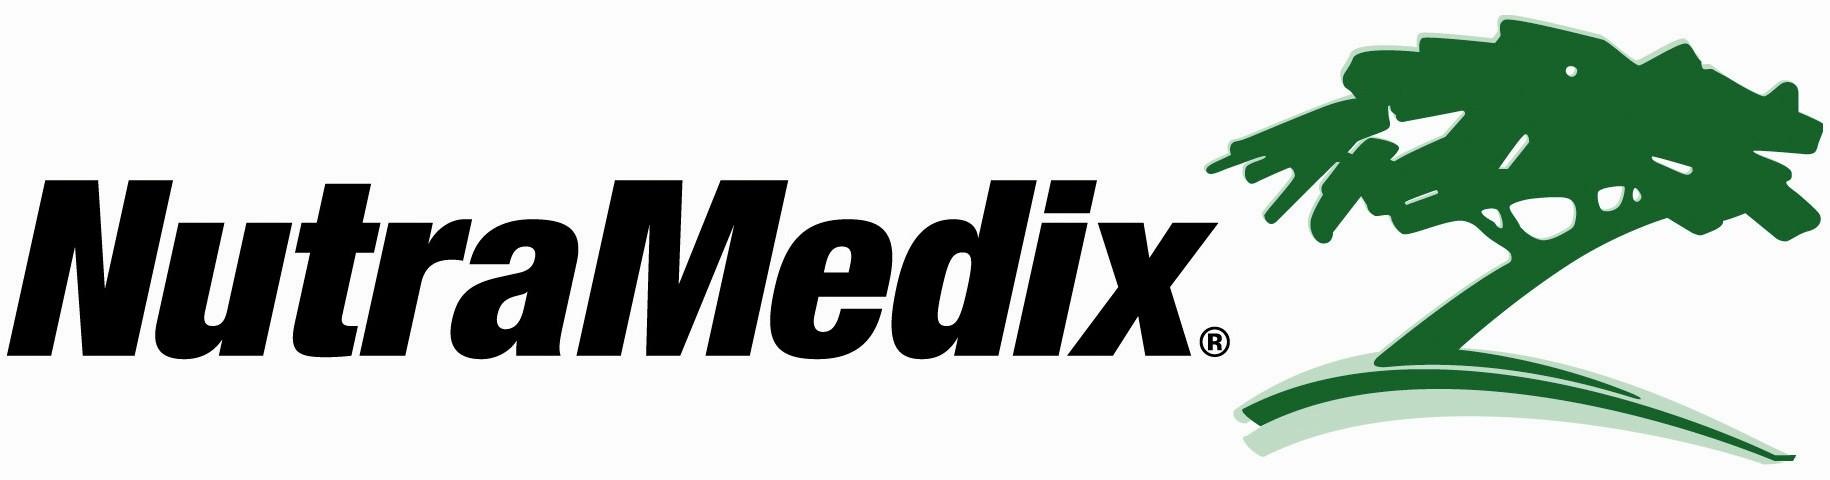 Copy of NutraMedix Logo.jpg